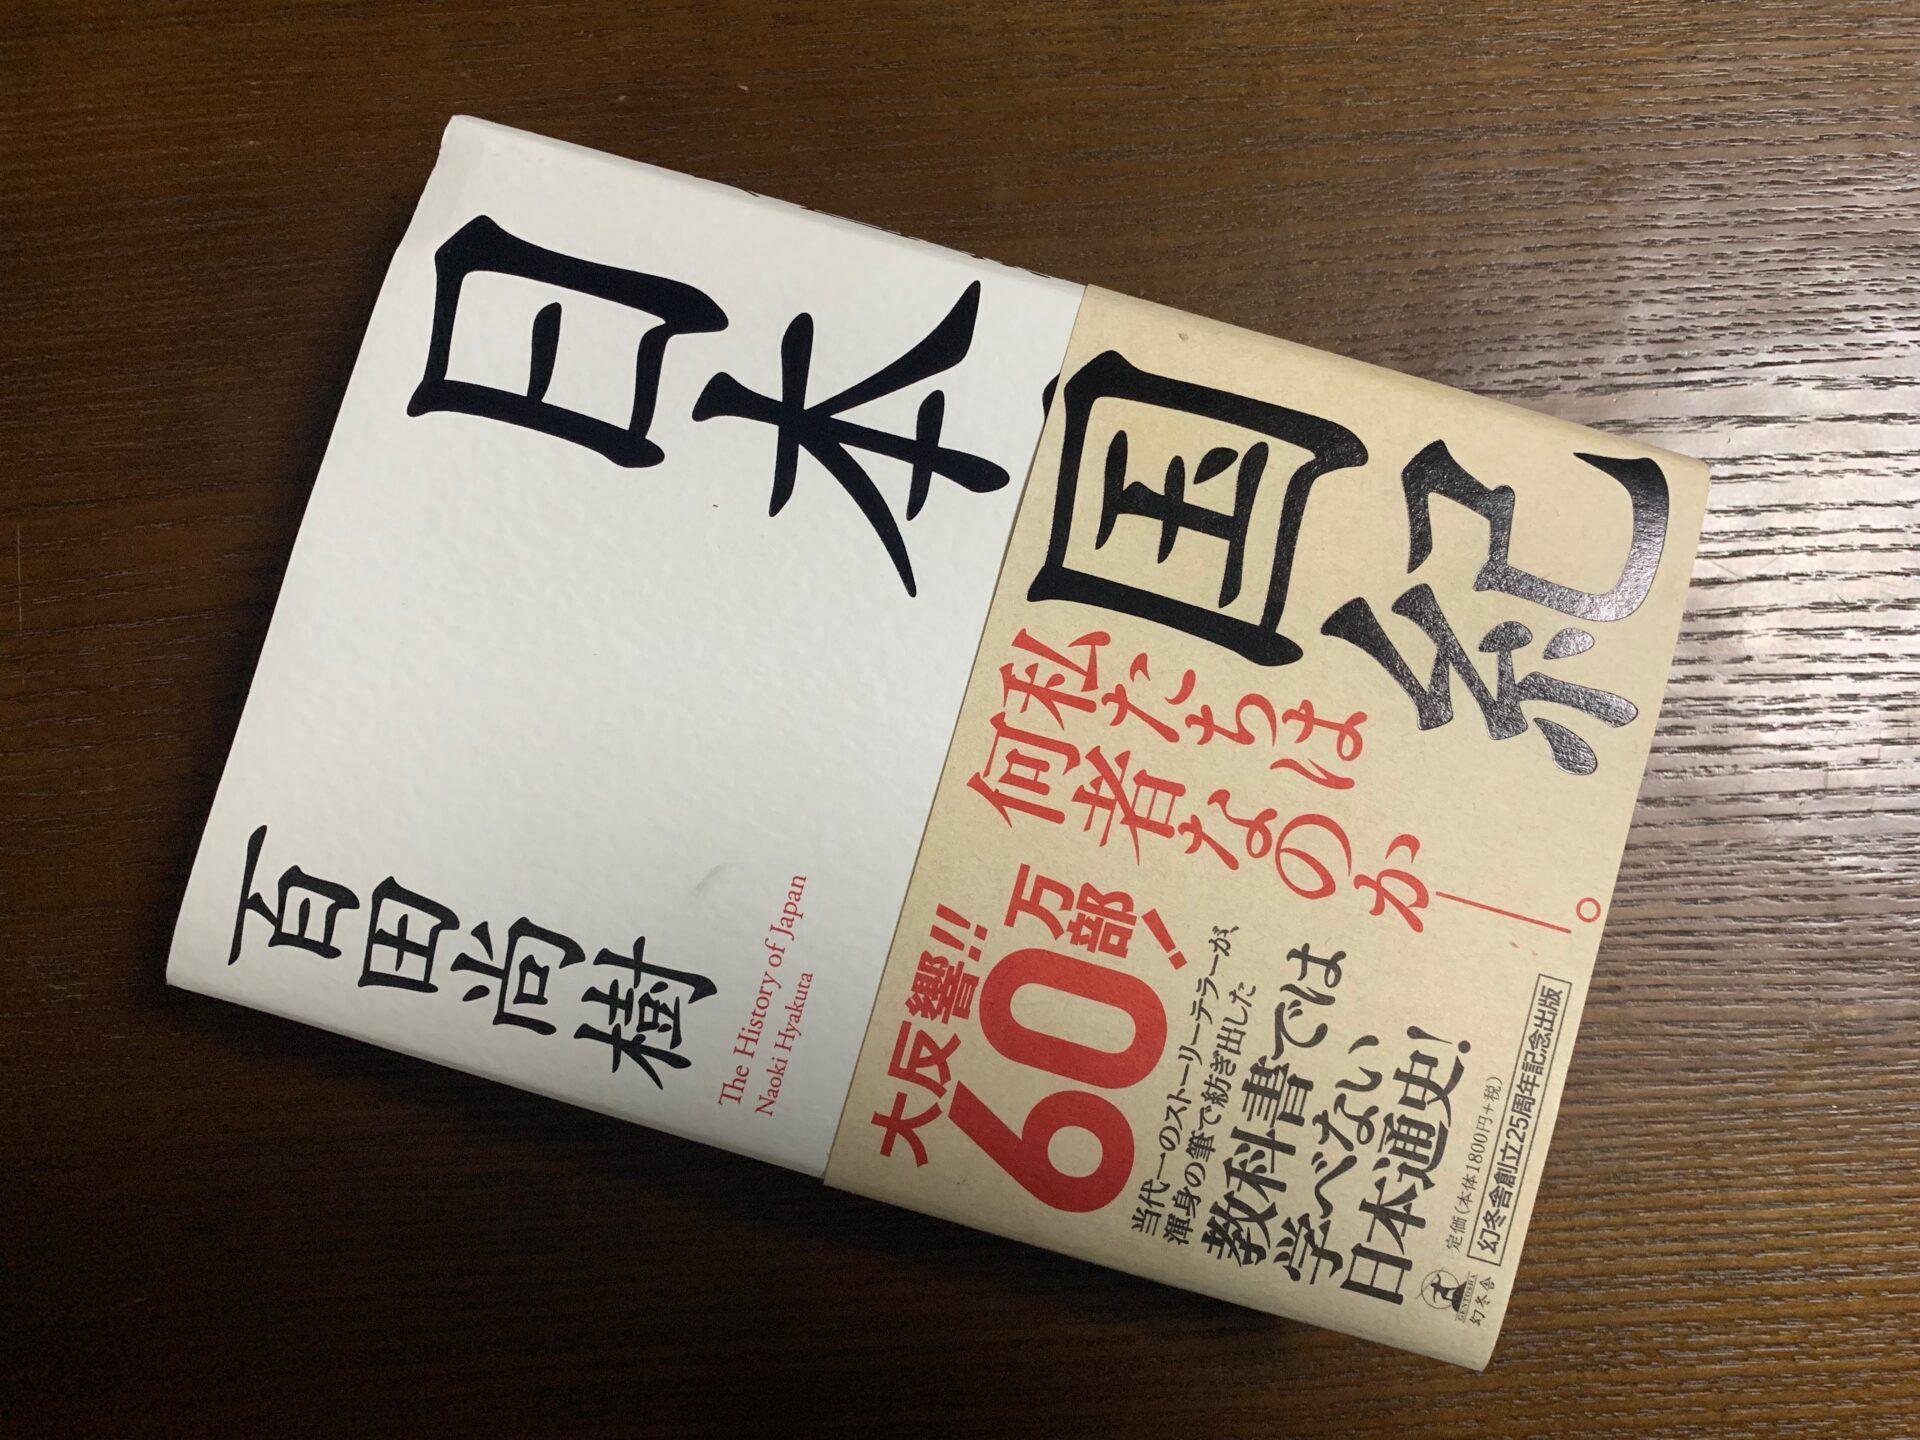 令和という新たな時代に進む今こそ読んでよかった「日本国紀」